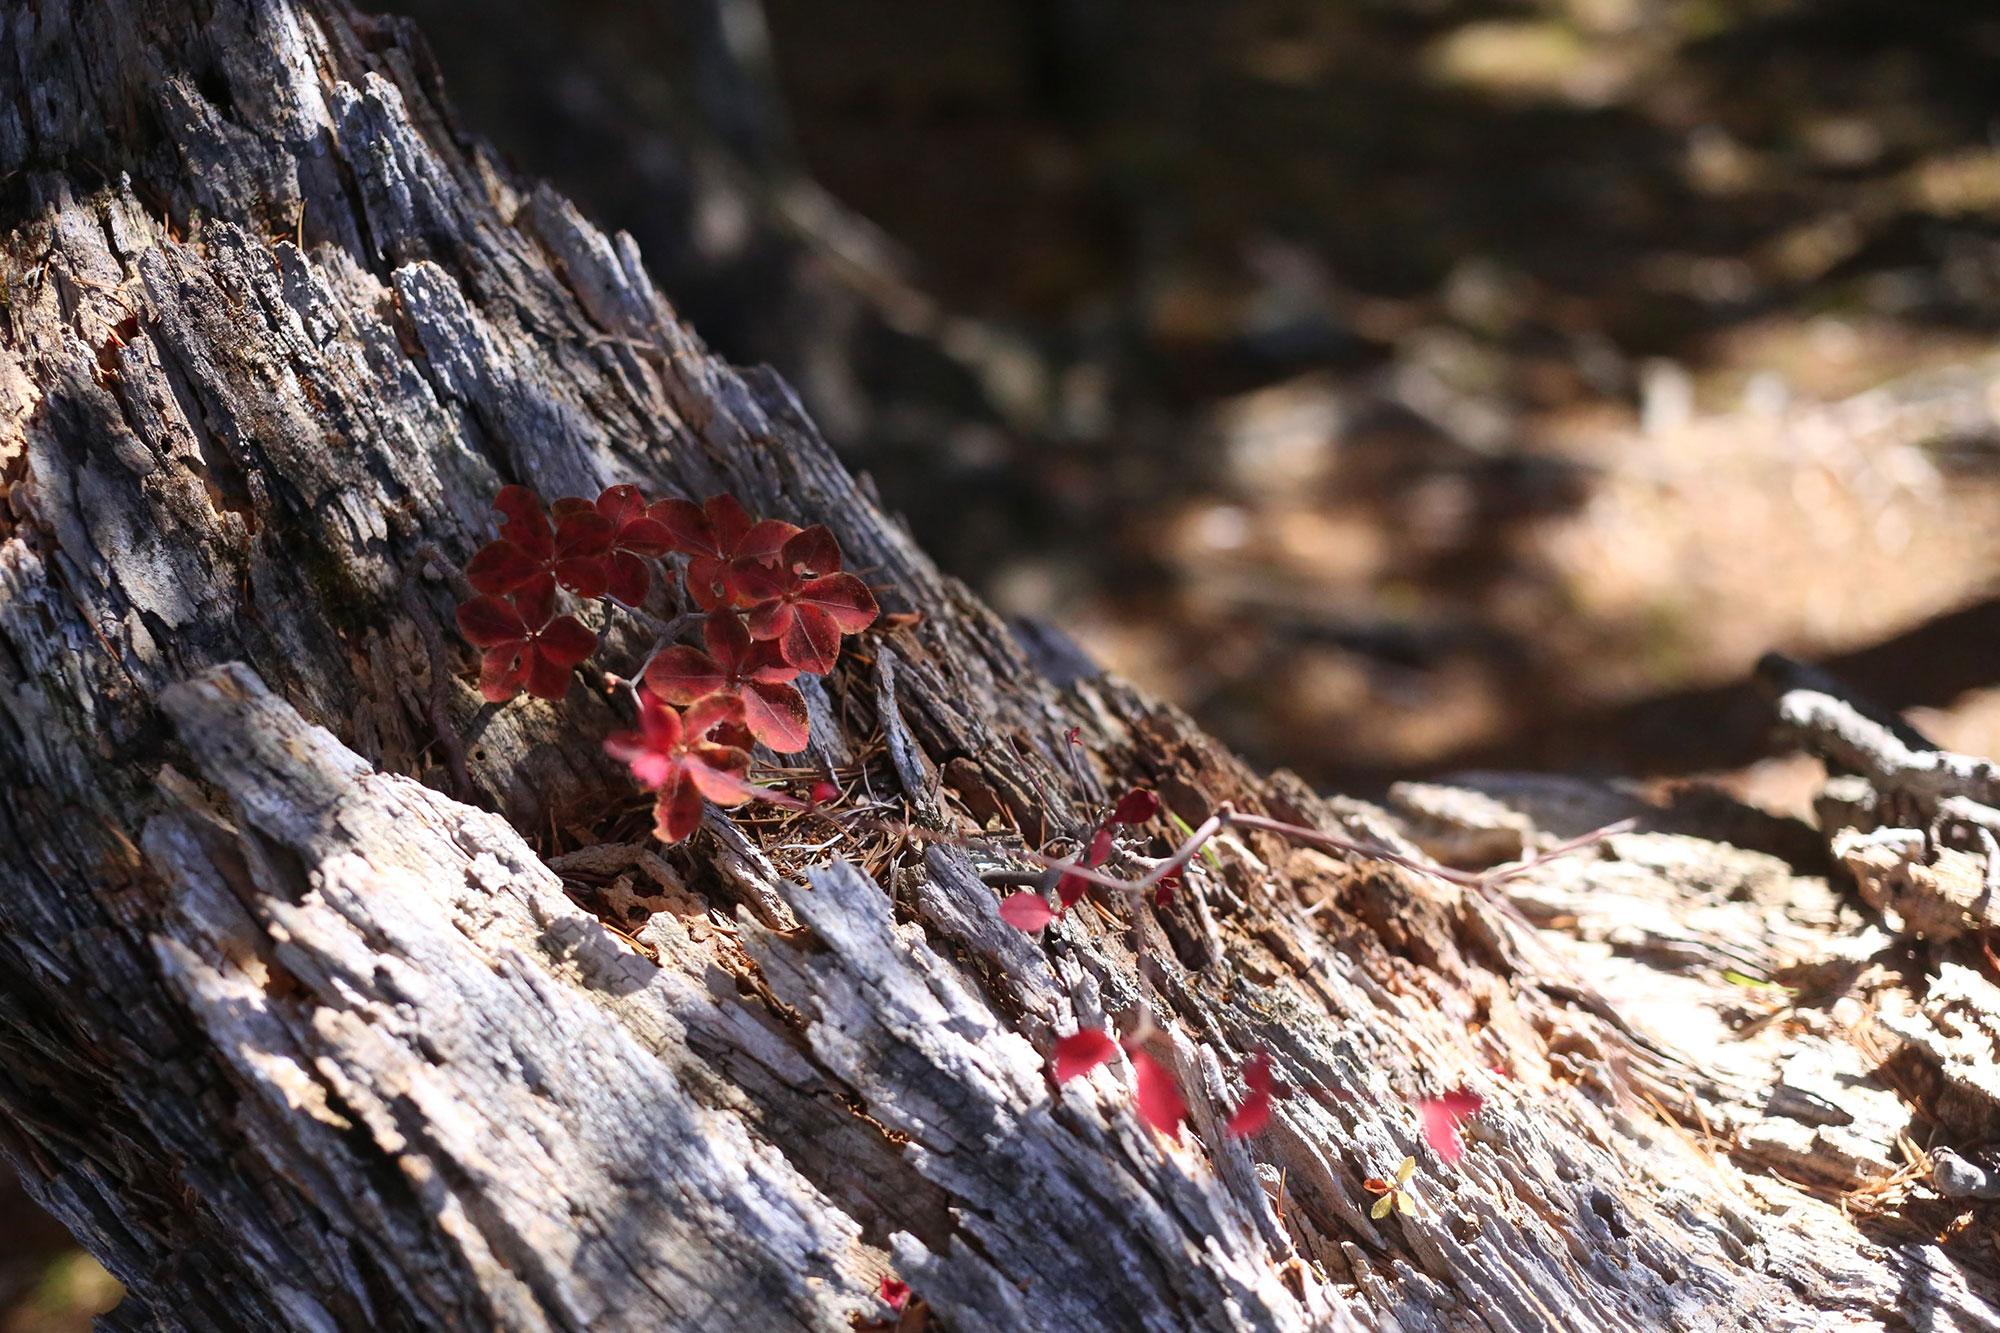 大崩山で見つけた紅葉